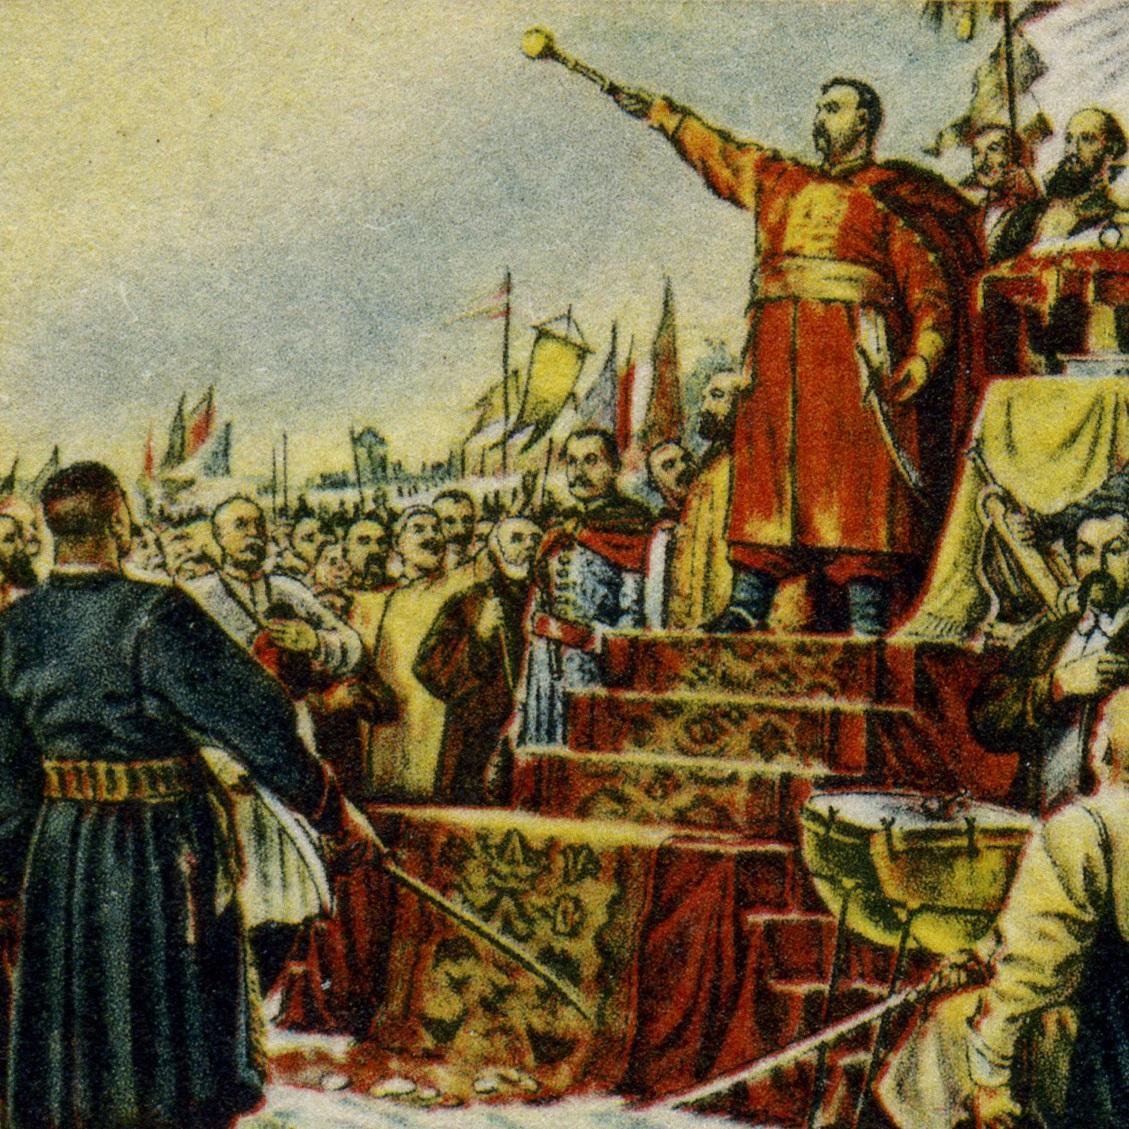 Na mocy ugody Kozacy poddawali się władzy cara. Ilustracja z okolicznościowego radzieckiego znaczka.